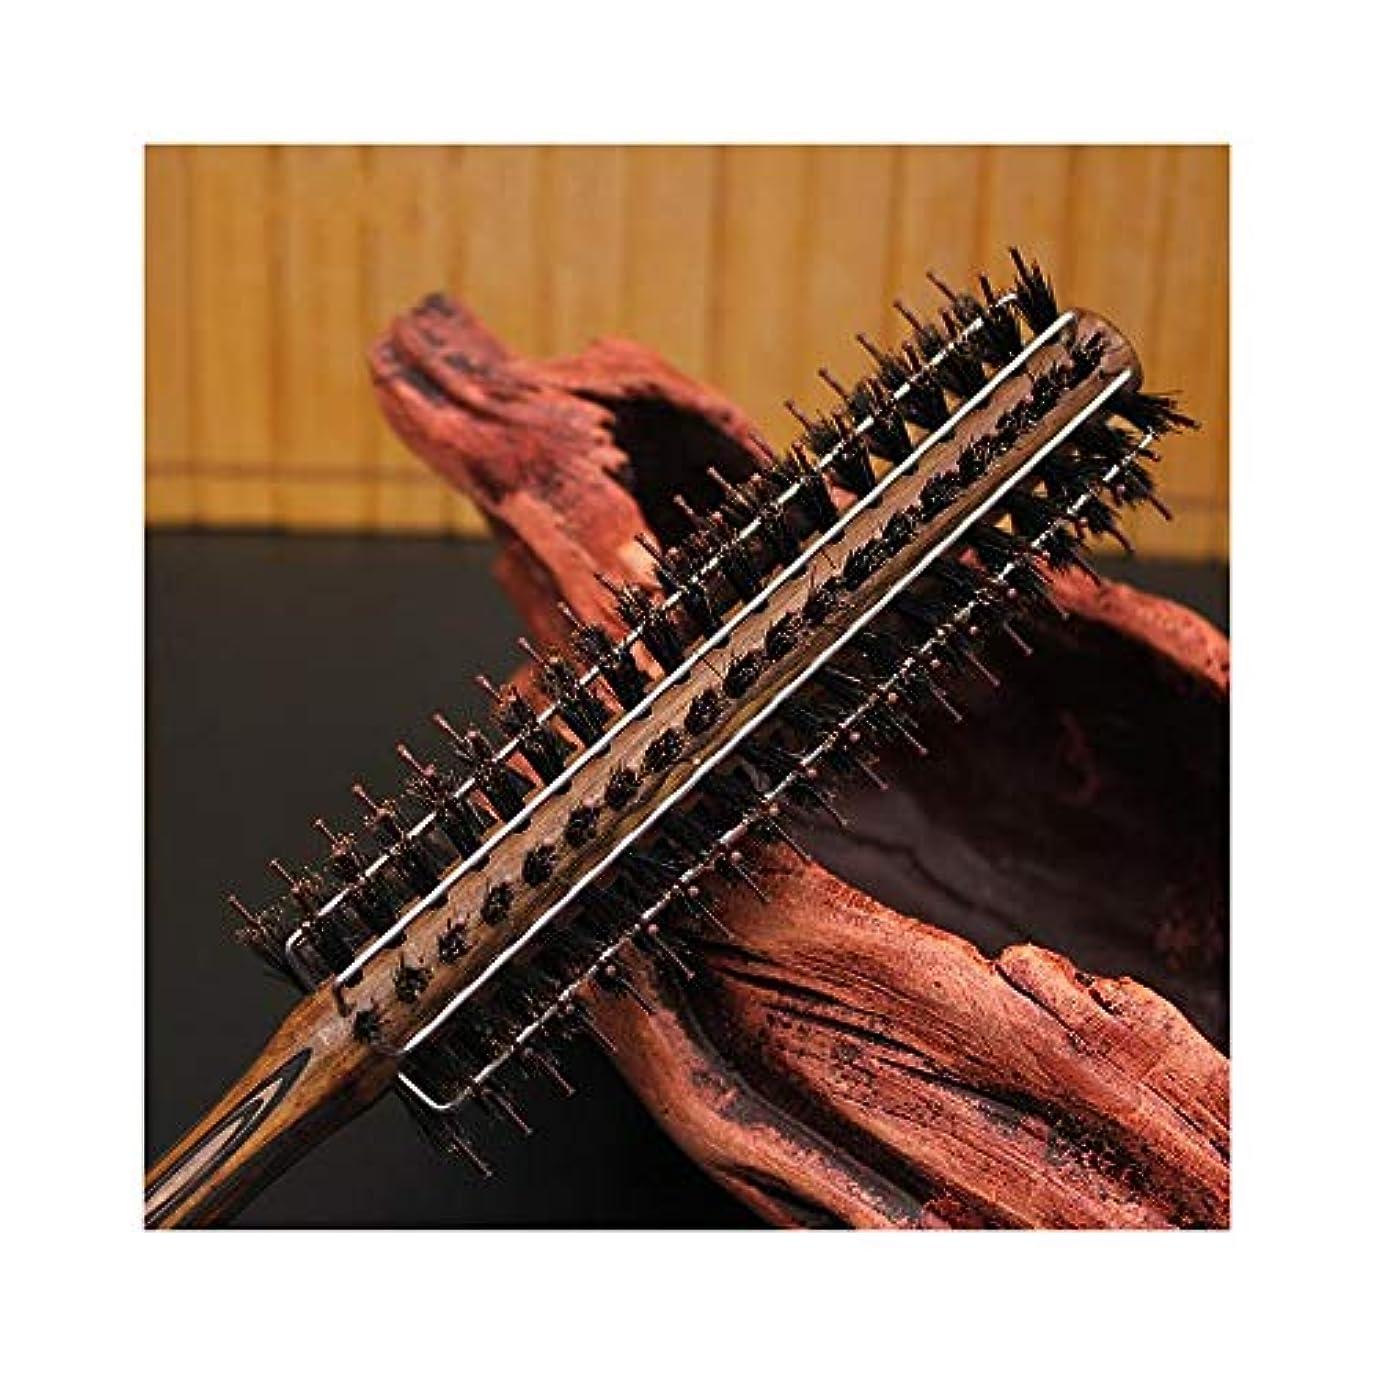 ピクニックをするダンス破滅女性のための新しいカーリングヘアコームワイヤー豚毛ナイロンウッドローリングブラシ ヘアケア (サイズ : L)